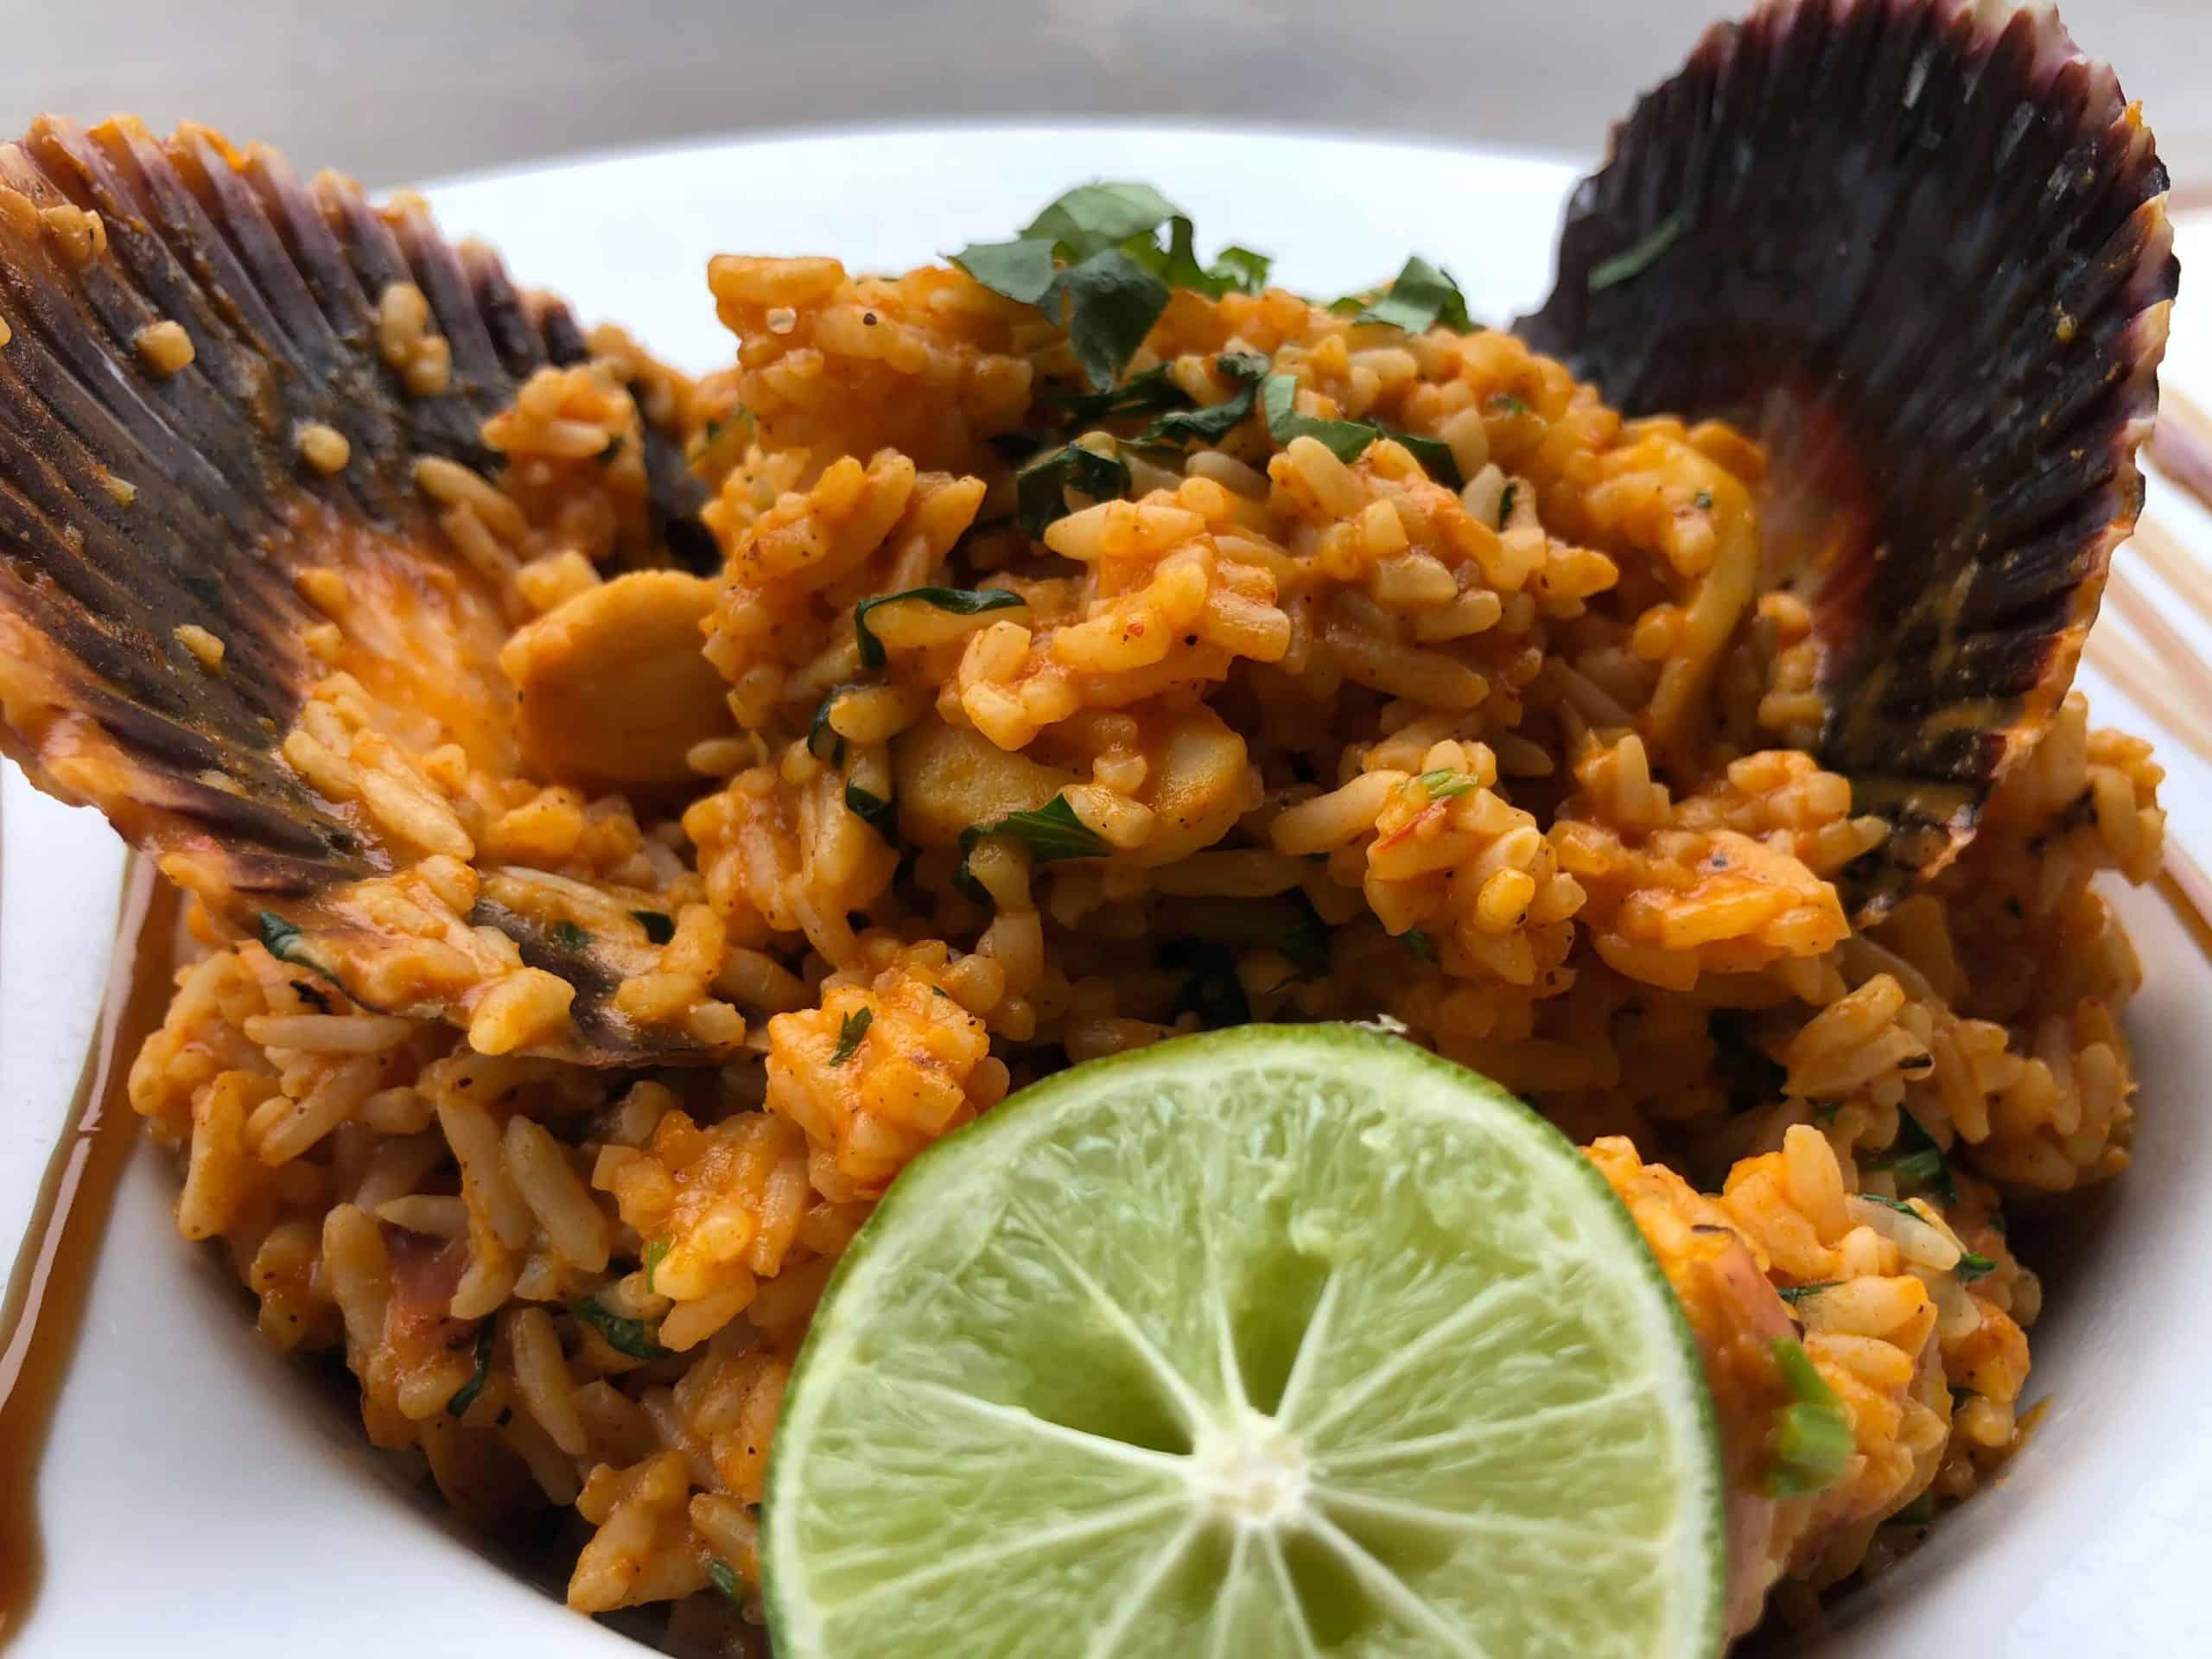 arroz con mariscos peruvian cuisine peruvian dish peruvian food